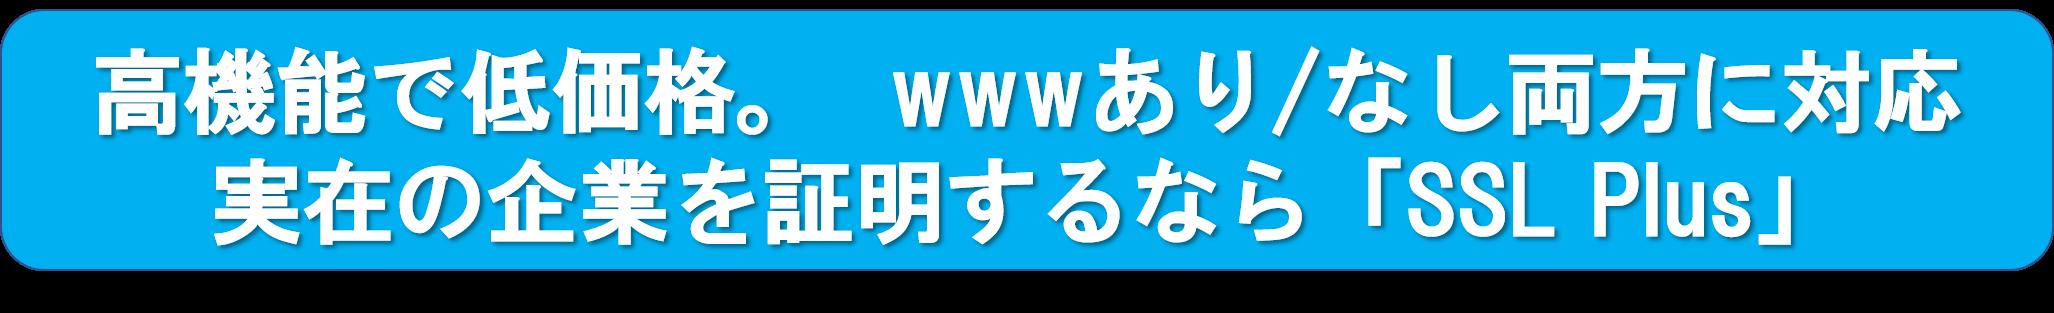 ひとつのサーバ証明書でwwwあり/なし両方に対応し、実在の企業を証明「Standard SSL(SSL Plus)」